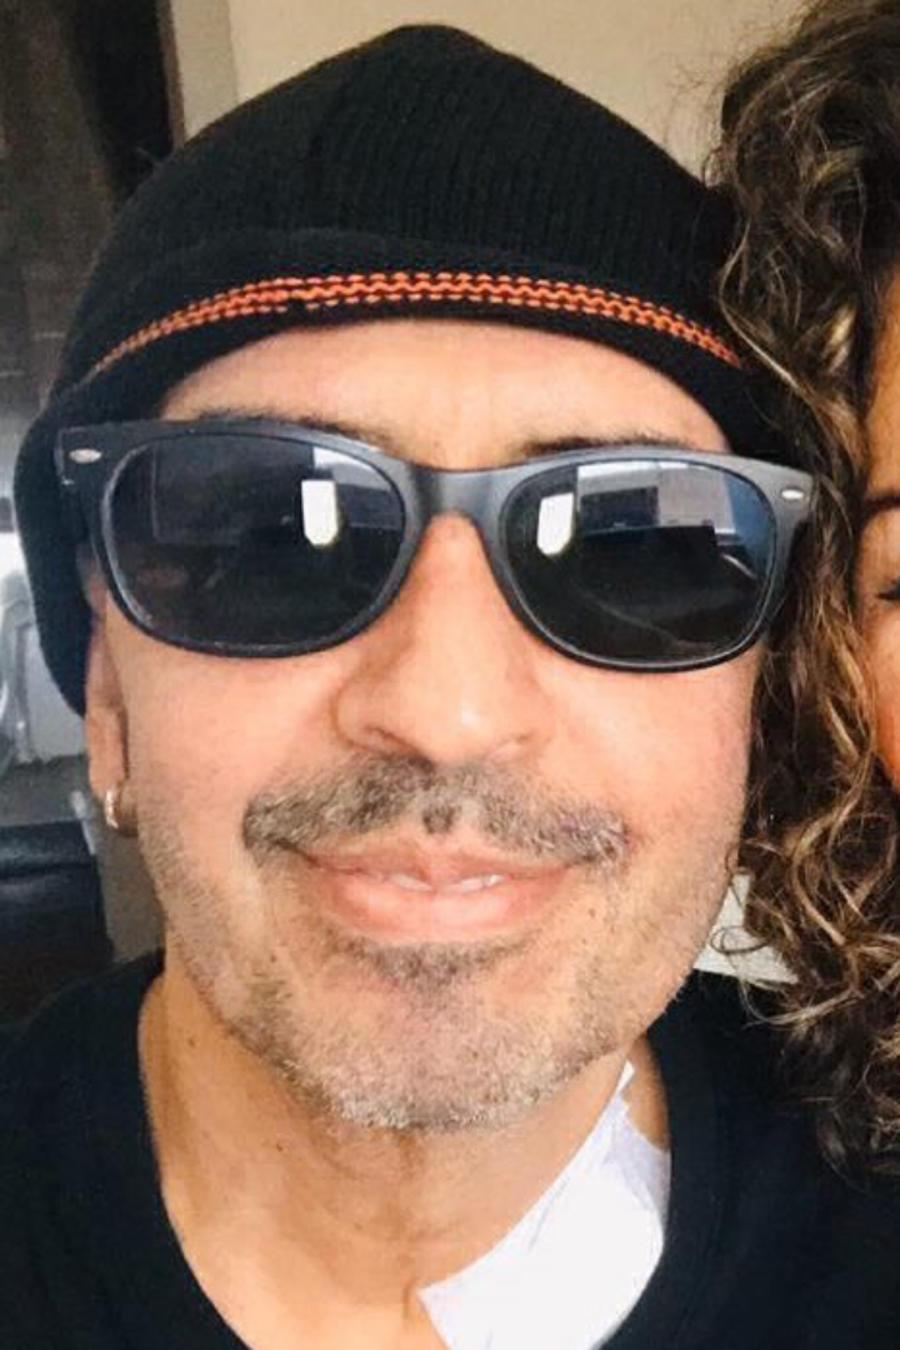 Memo del Bosque y su esposa Vica Andrade abrazados